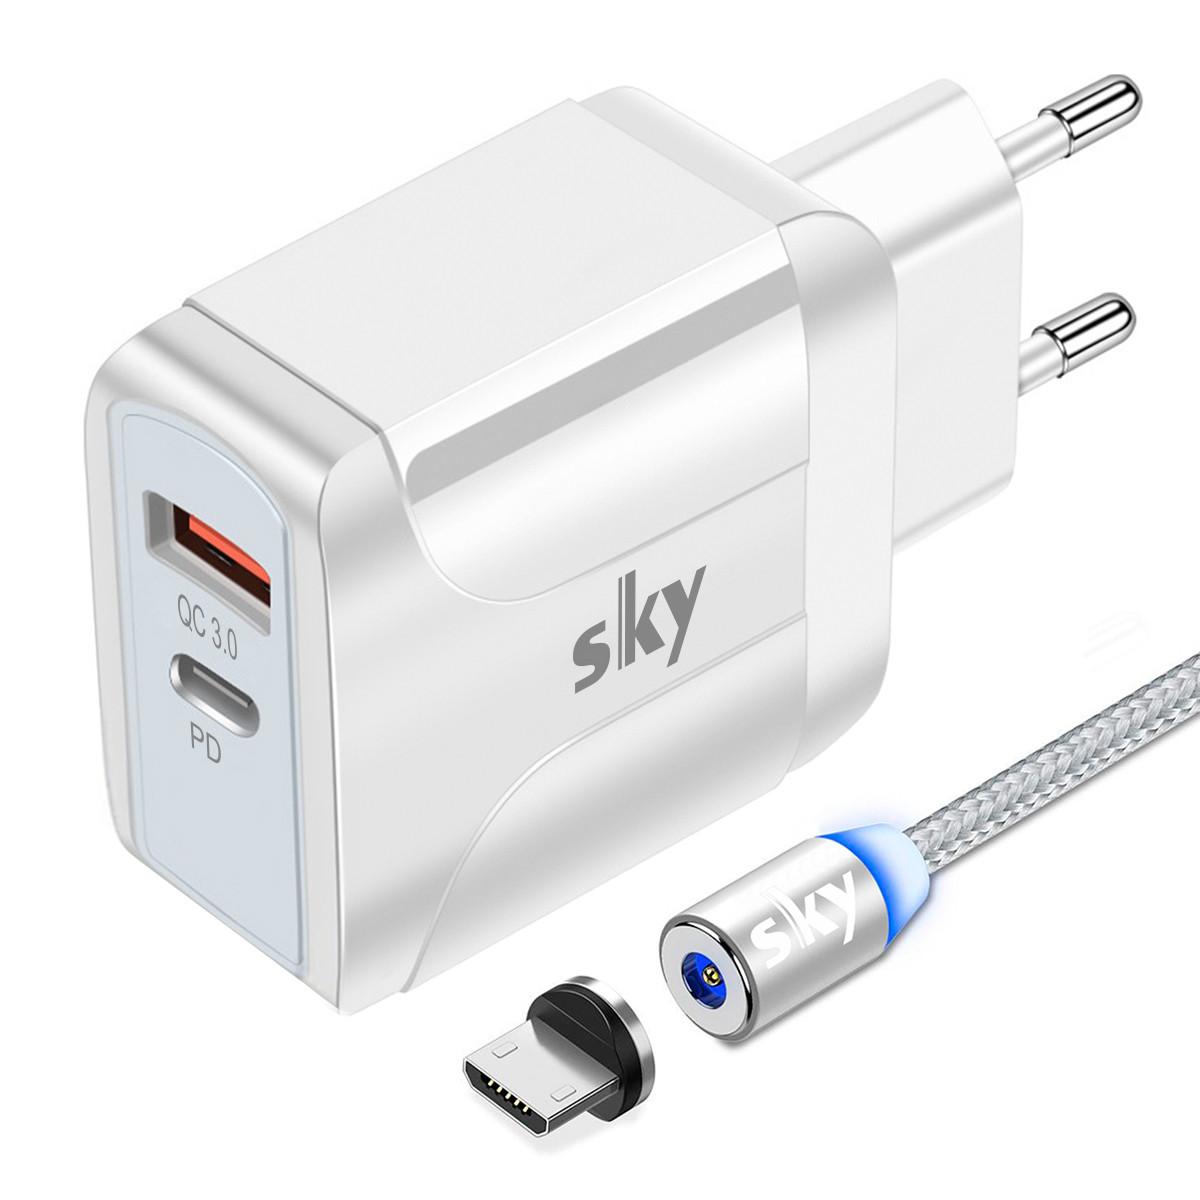 Зарядний пристрій SKY (A 04) QC / PD (18W) White